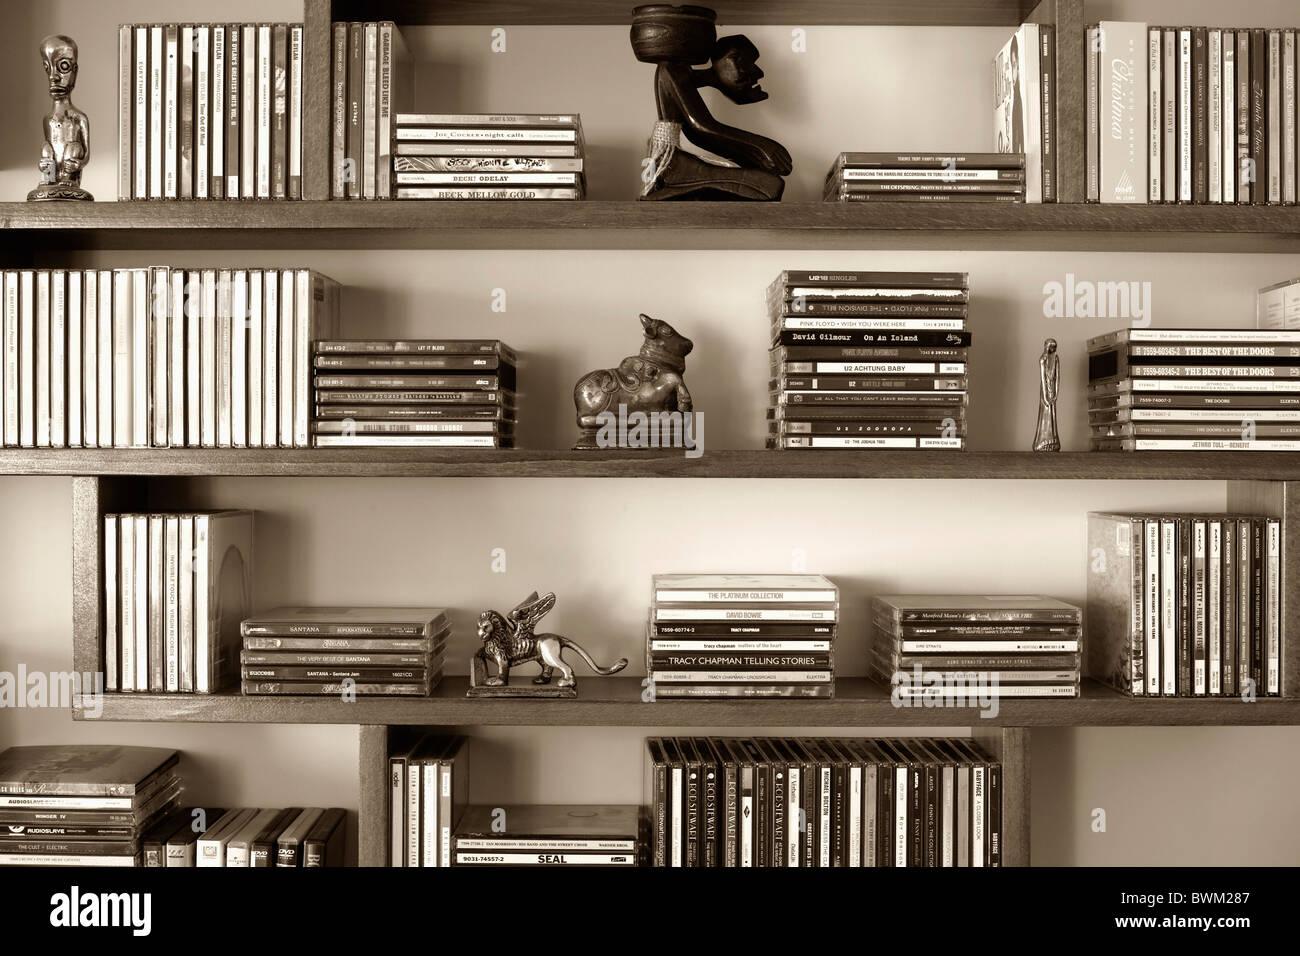 Music Living Room Cd Shelf Cds Books Living Room Reading Music Furniture Media